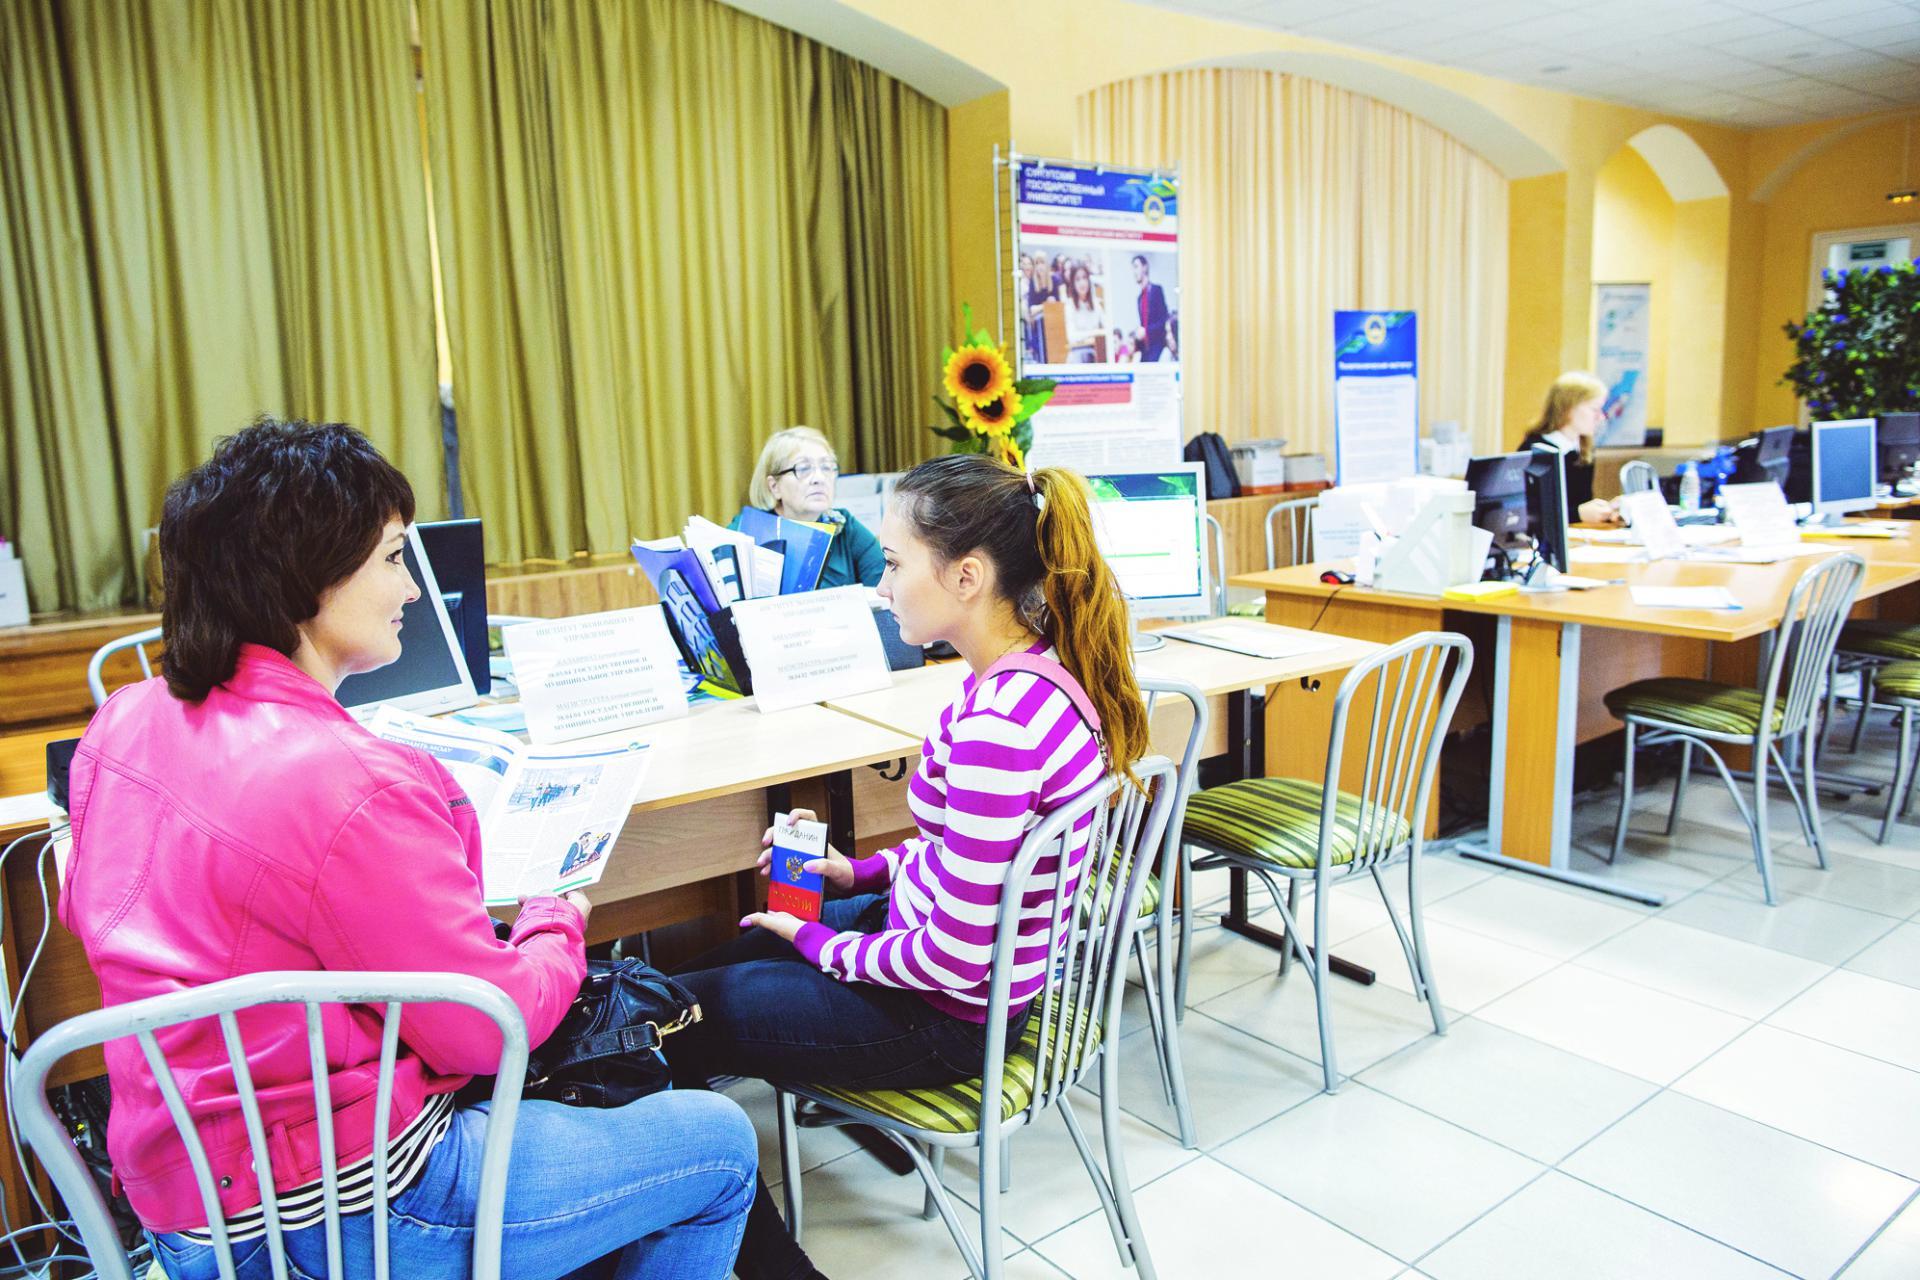 пробки для сургутский государственный университет приемная комиссия меня вопрос тем